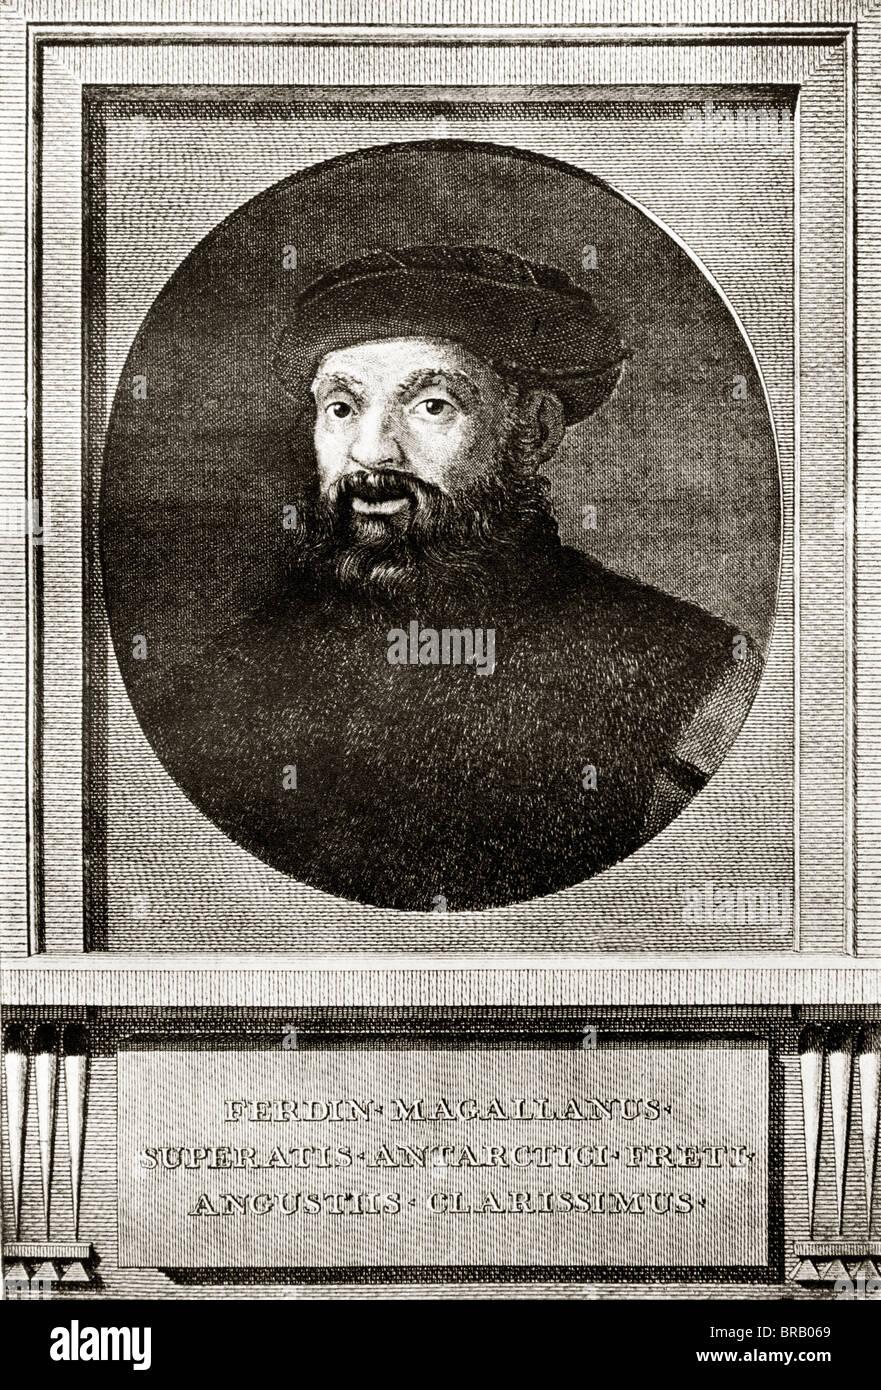 Ferdinand Magellan Portugese Explorer c1480 - 1521 - Stock Image